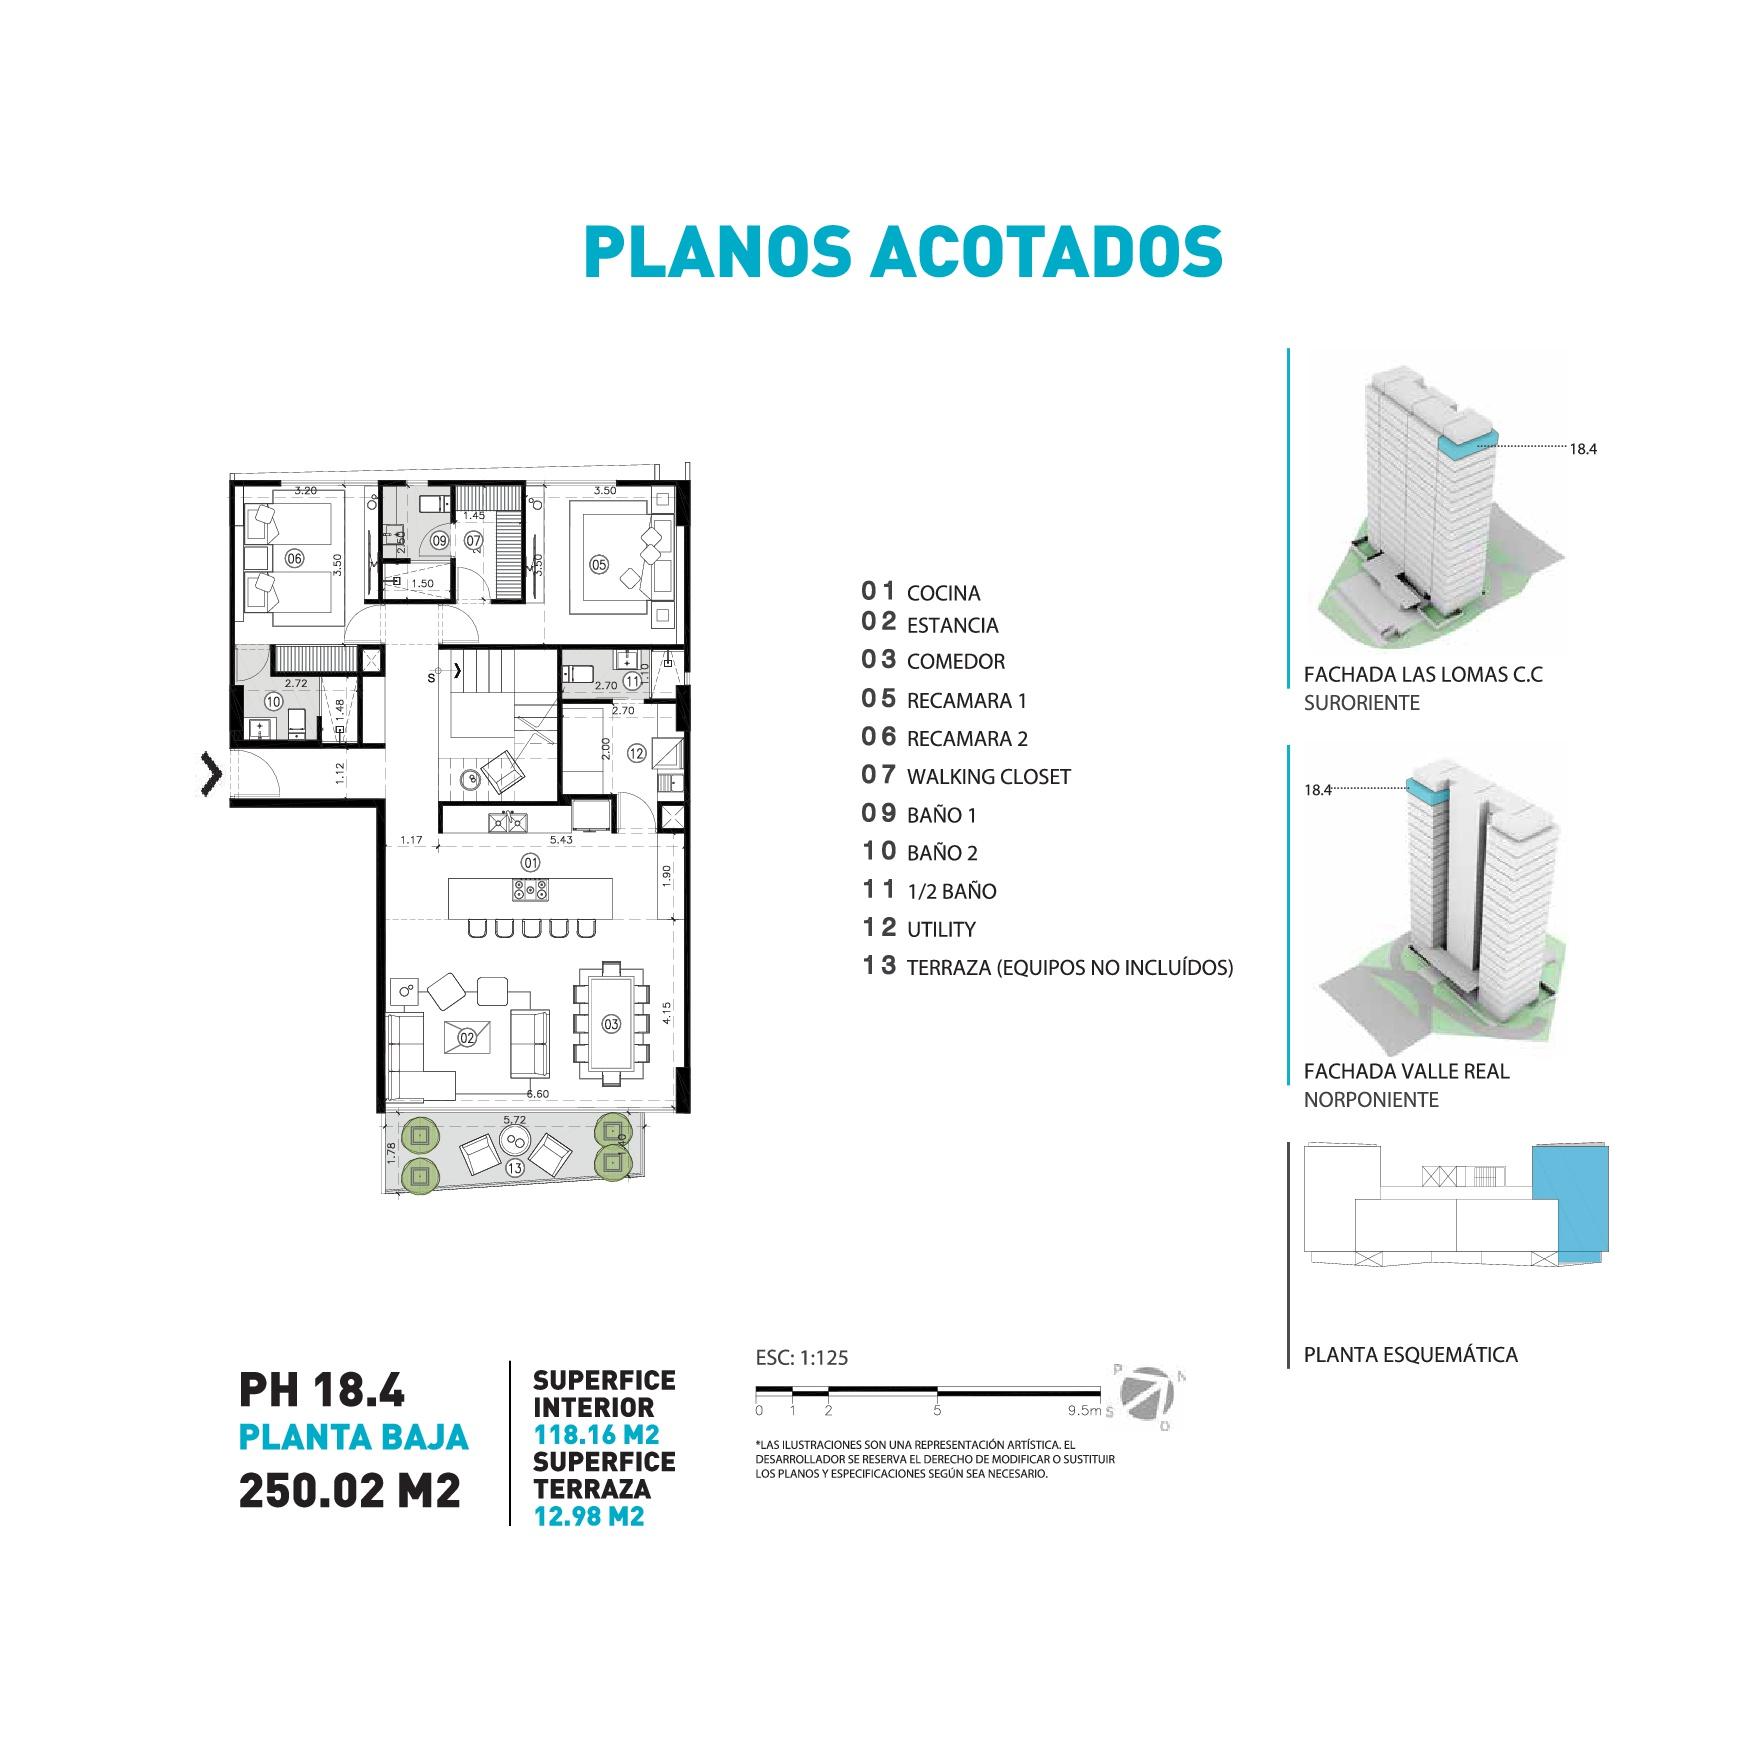 ADANA_046.jpg